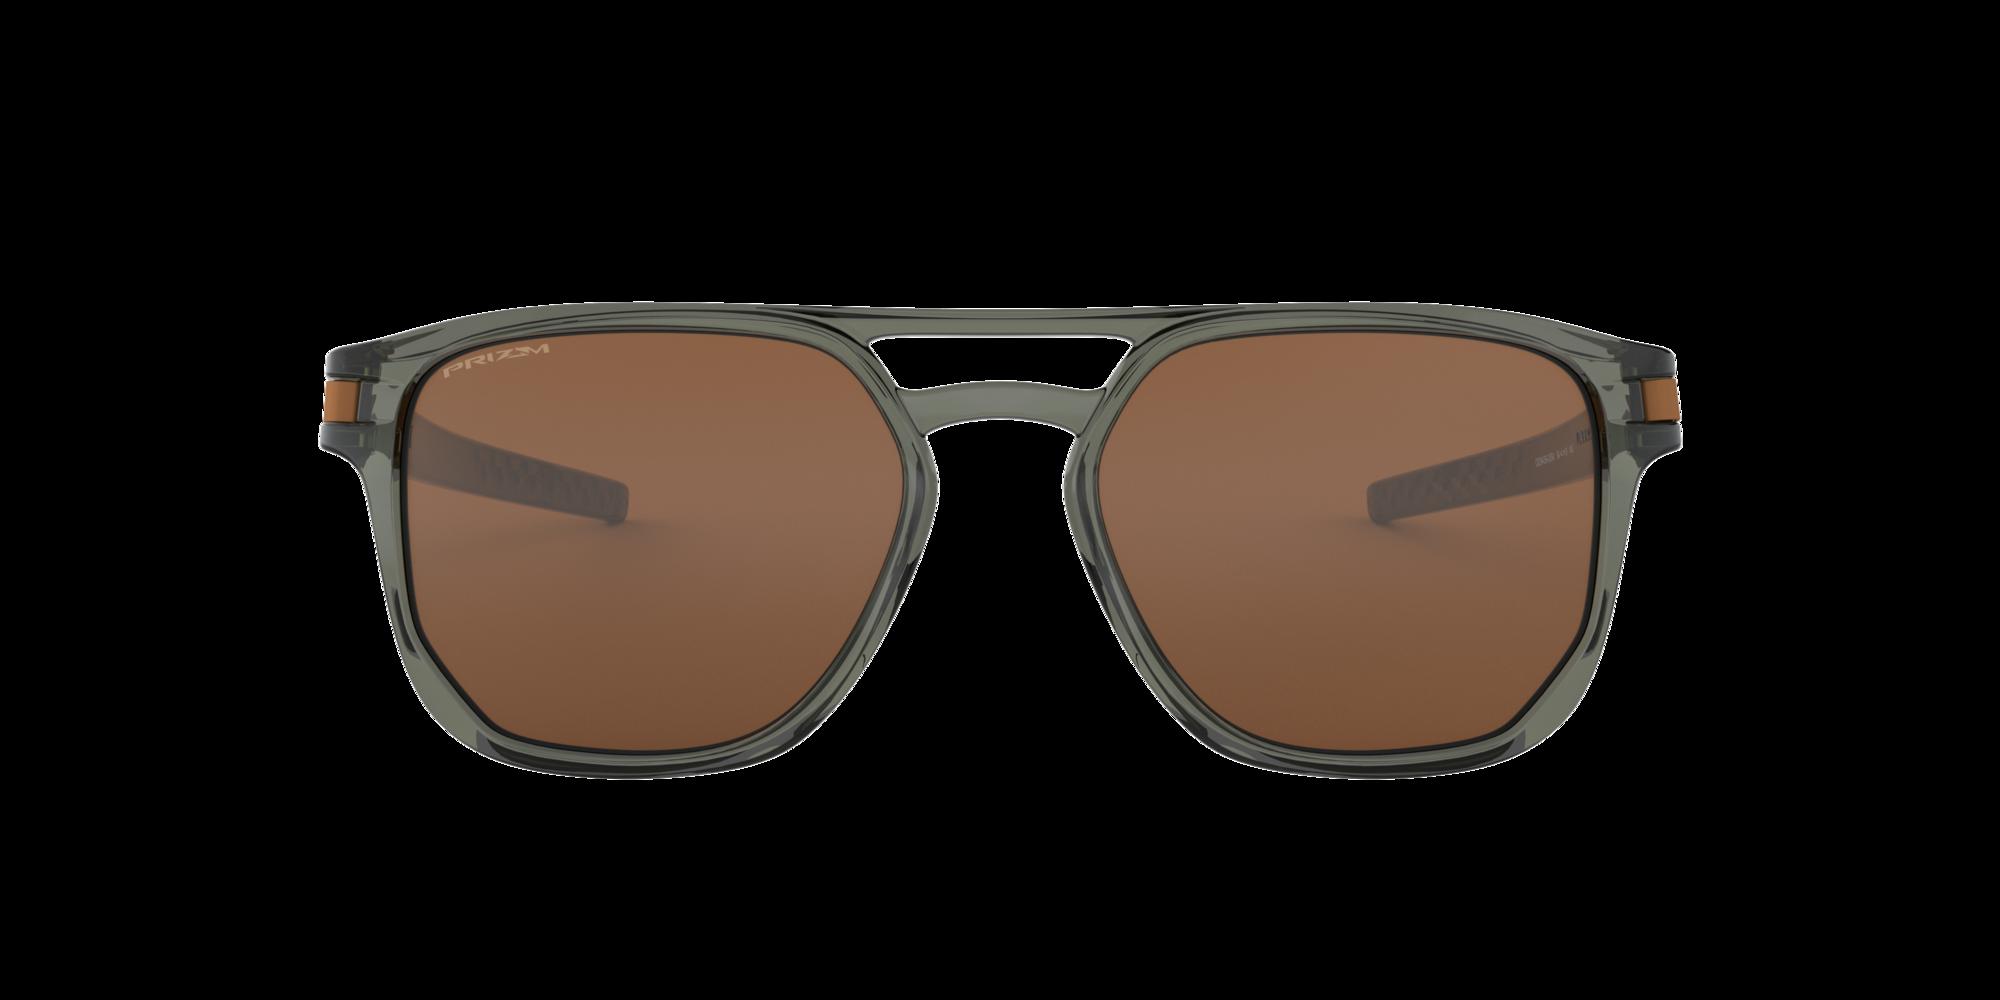 Imagen para OO9436 54 Latch Beta de LensCrafters |  Espejuelos, espejuelos graduados en línea, gafas